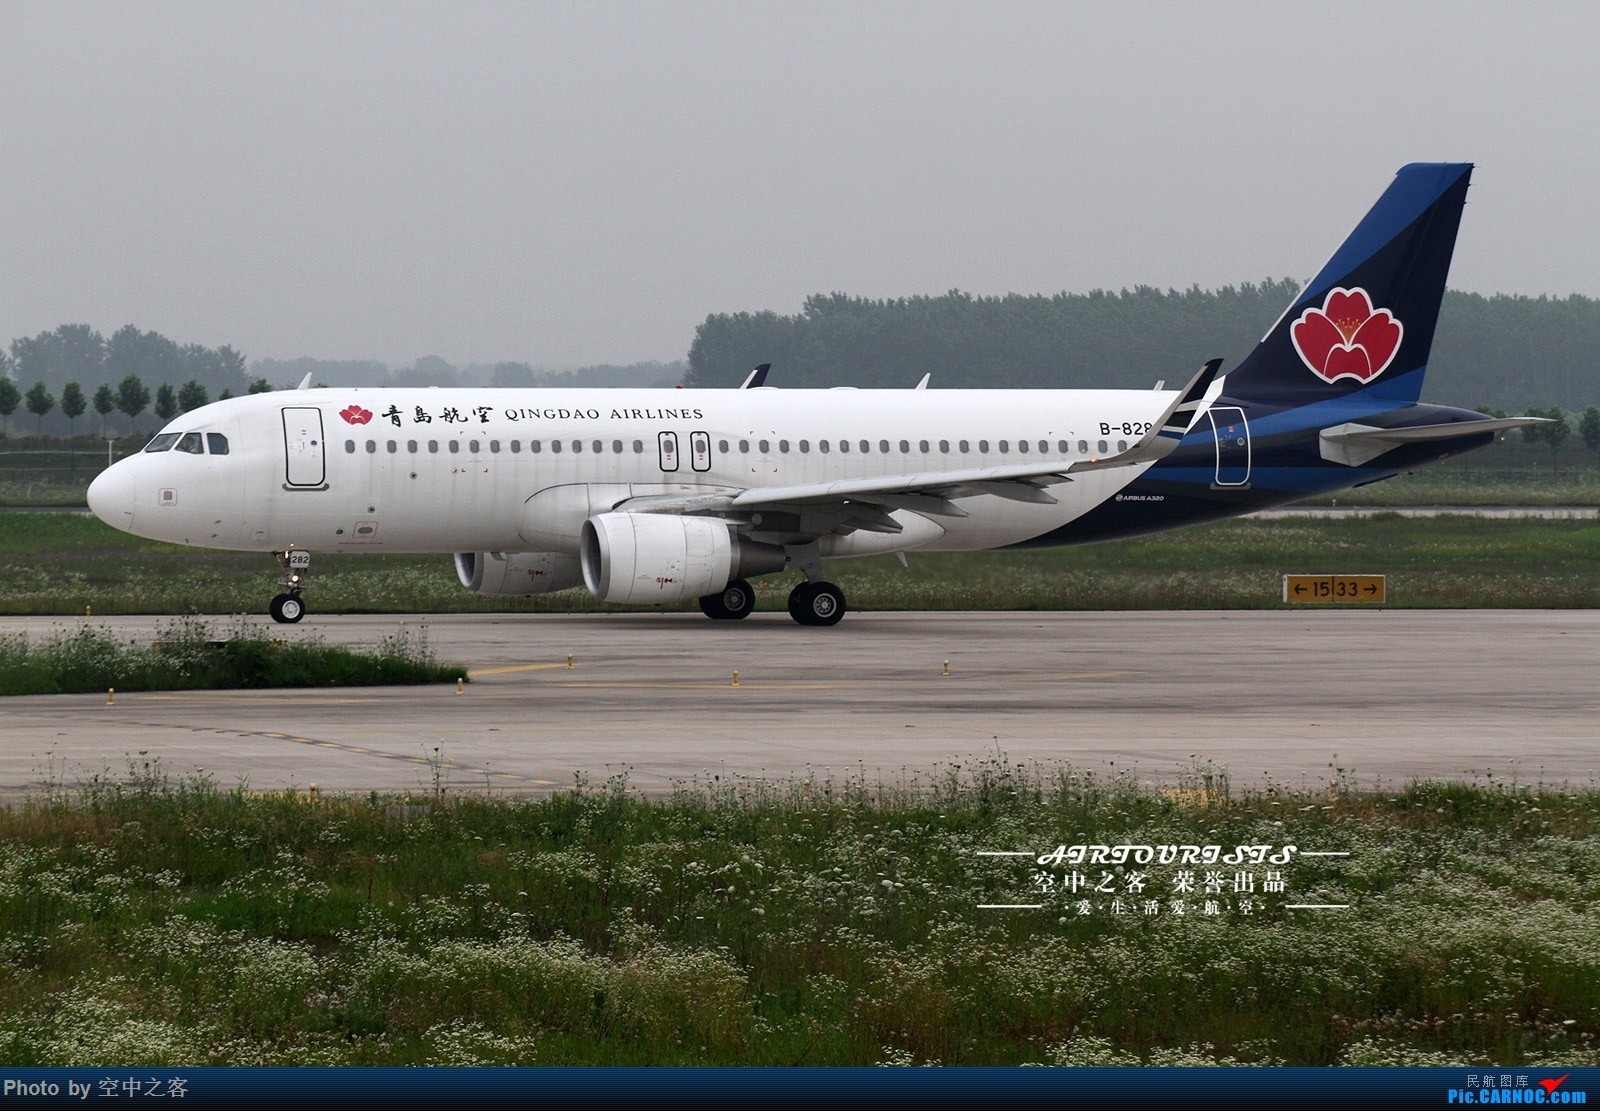 Re:[原创][合肥飞友会·霸都打机队 空中之客出品]虽然水泥天也要来一场说走就走的拍机(前传) AIRBUS A320-200 B-8282 合肥新桥国际机场